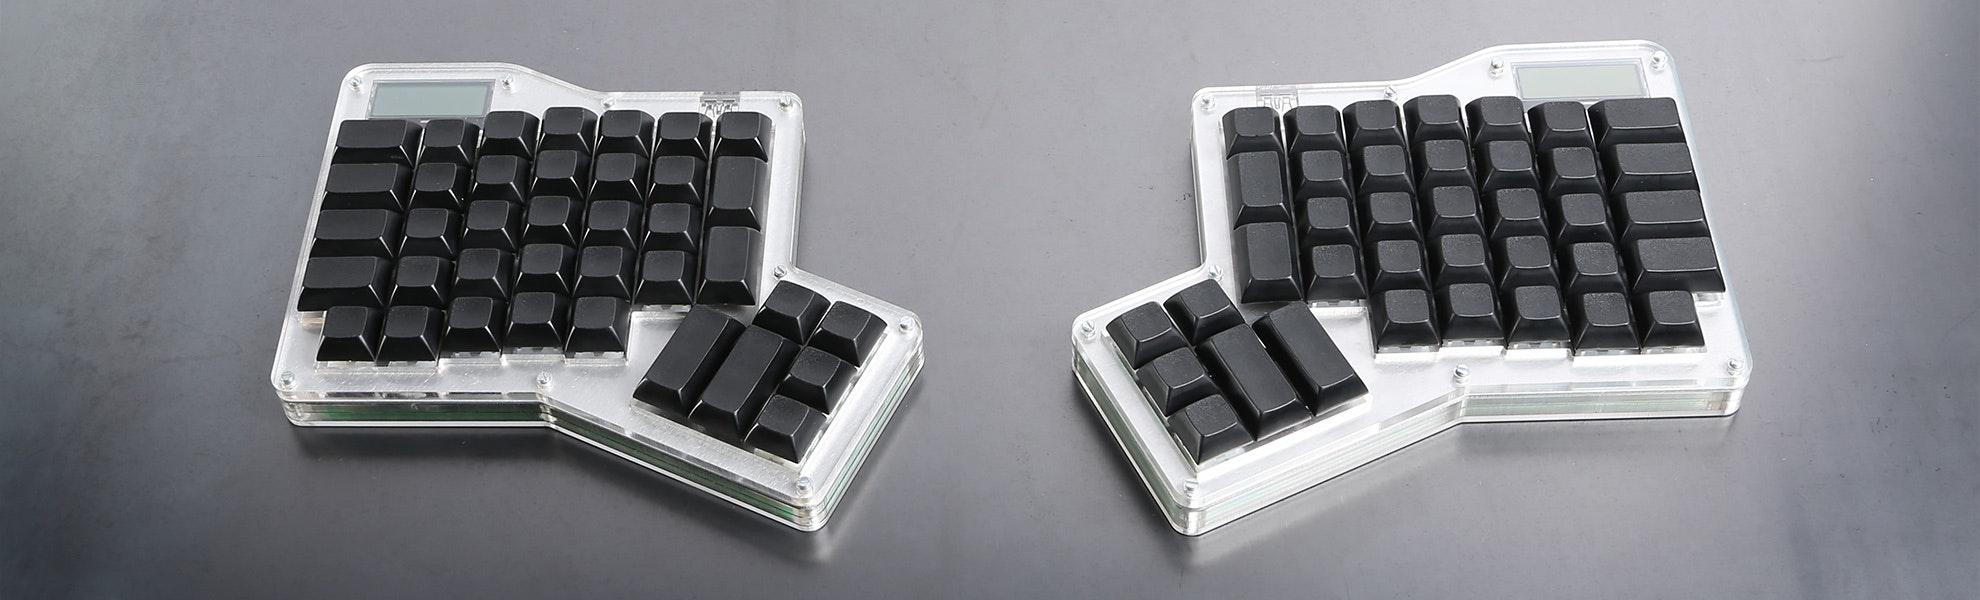 infinity ergodox. Infinity ErgoDox Ergonomic Keyboard Kit Ergodox F